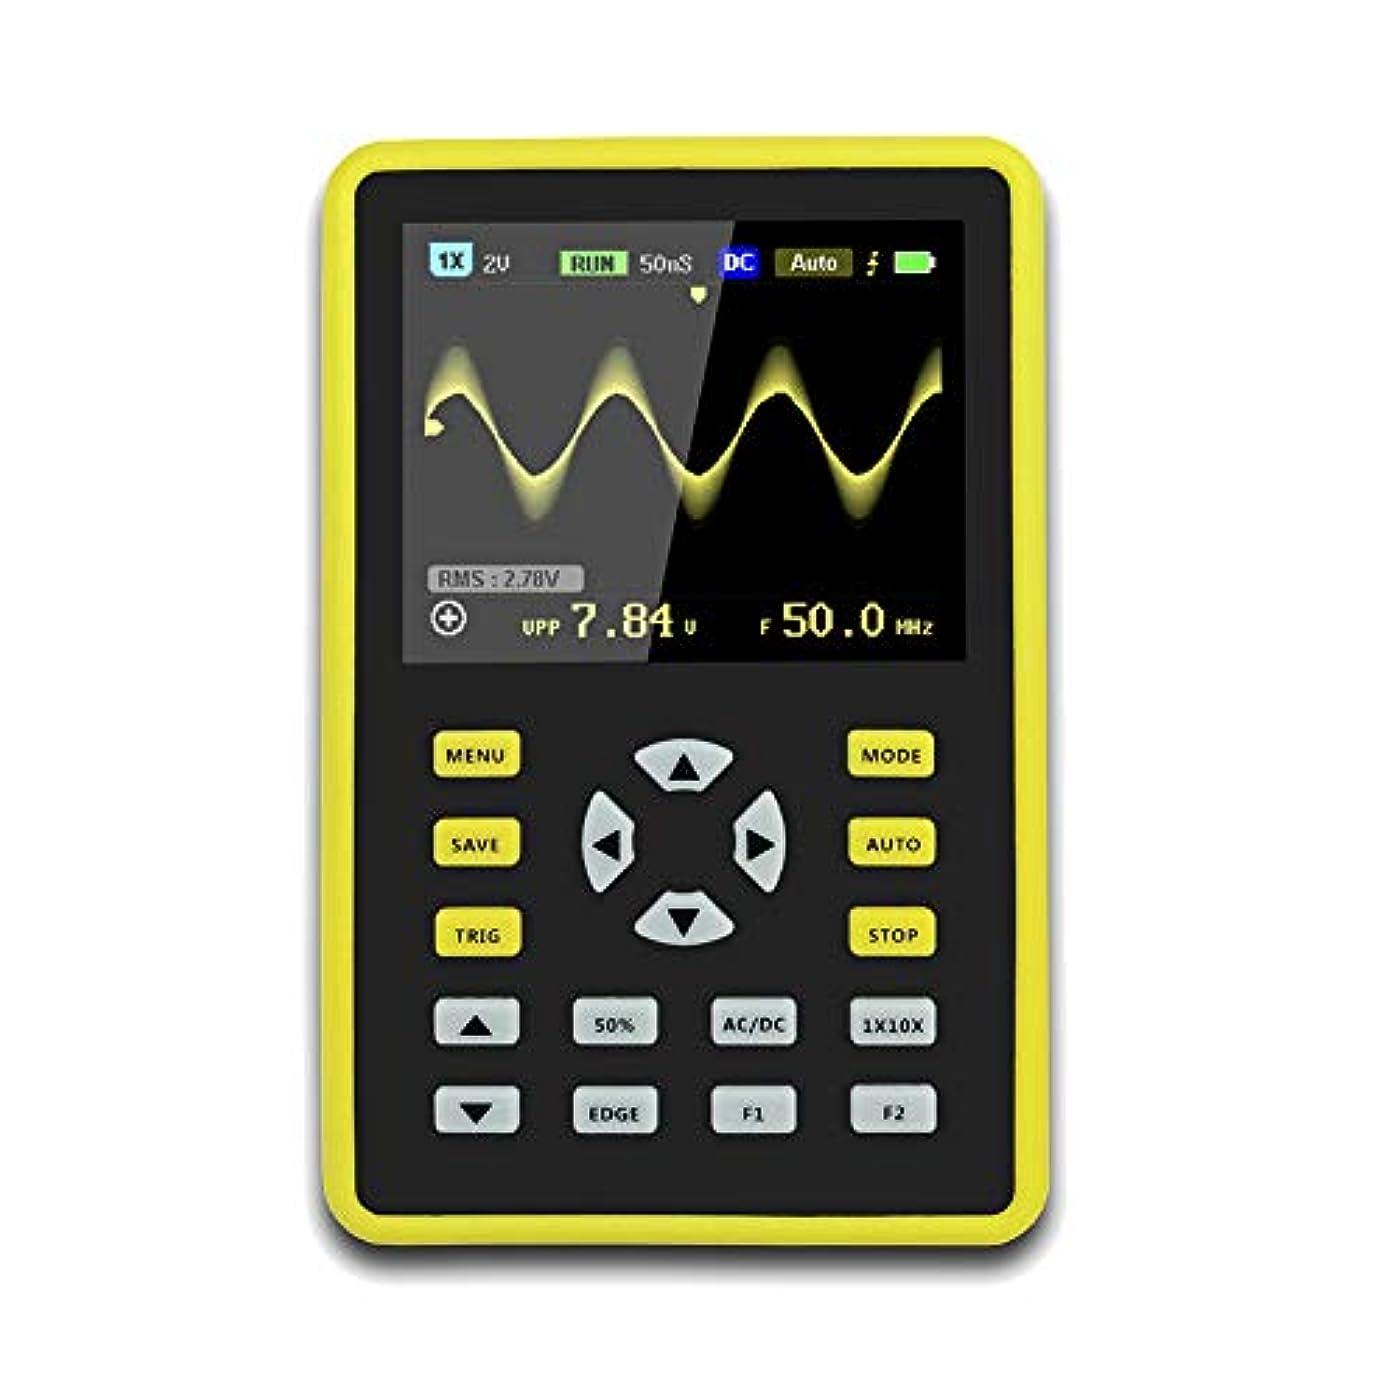 横導入する練るTenflyer  手持ち型デジタル小型オシロスコープ2.4インチ500 MS/s IPS LCD表示スクリーンの携帯用